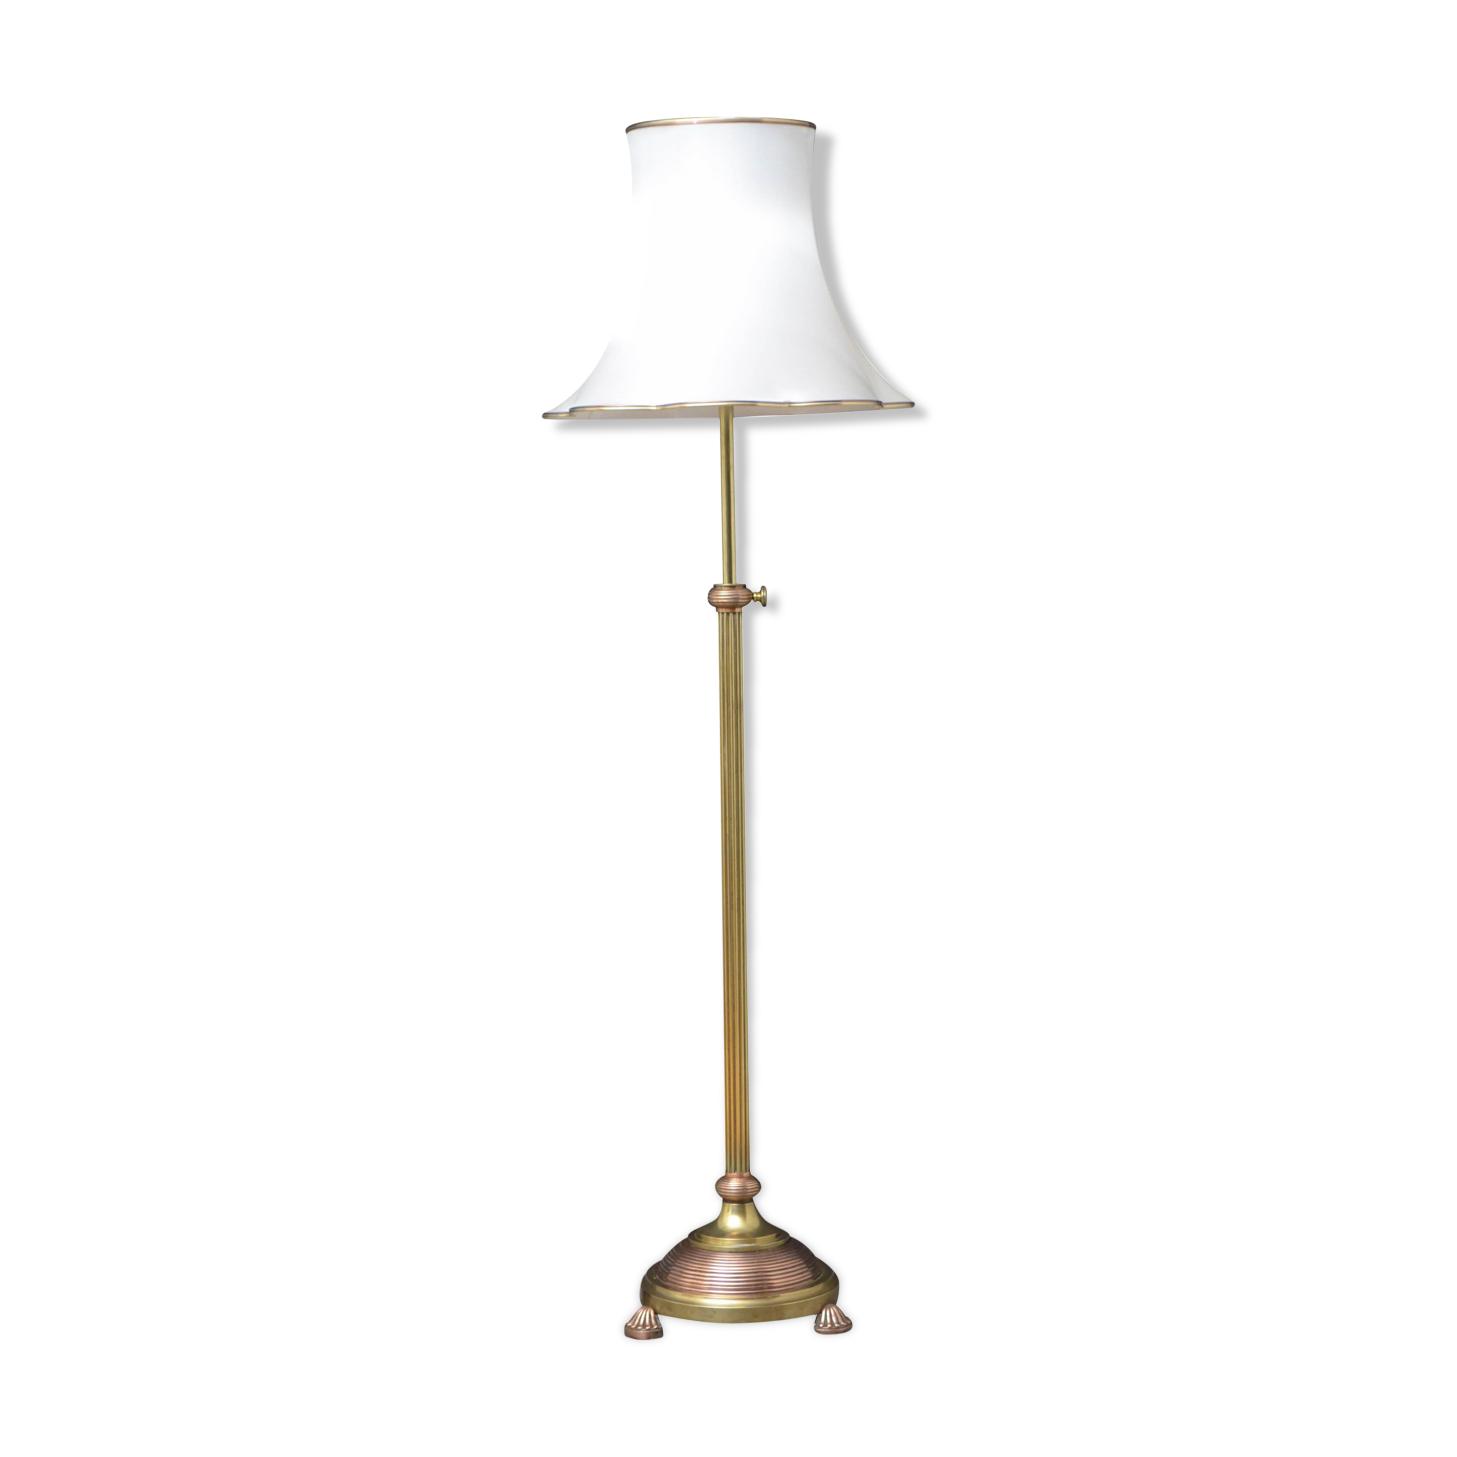 Lampadaire standard en laiton et en cuivre